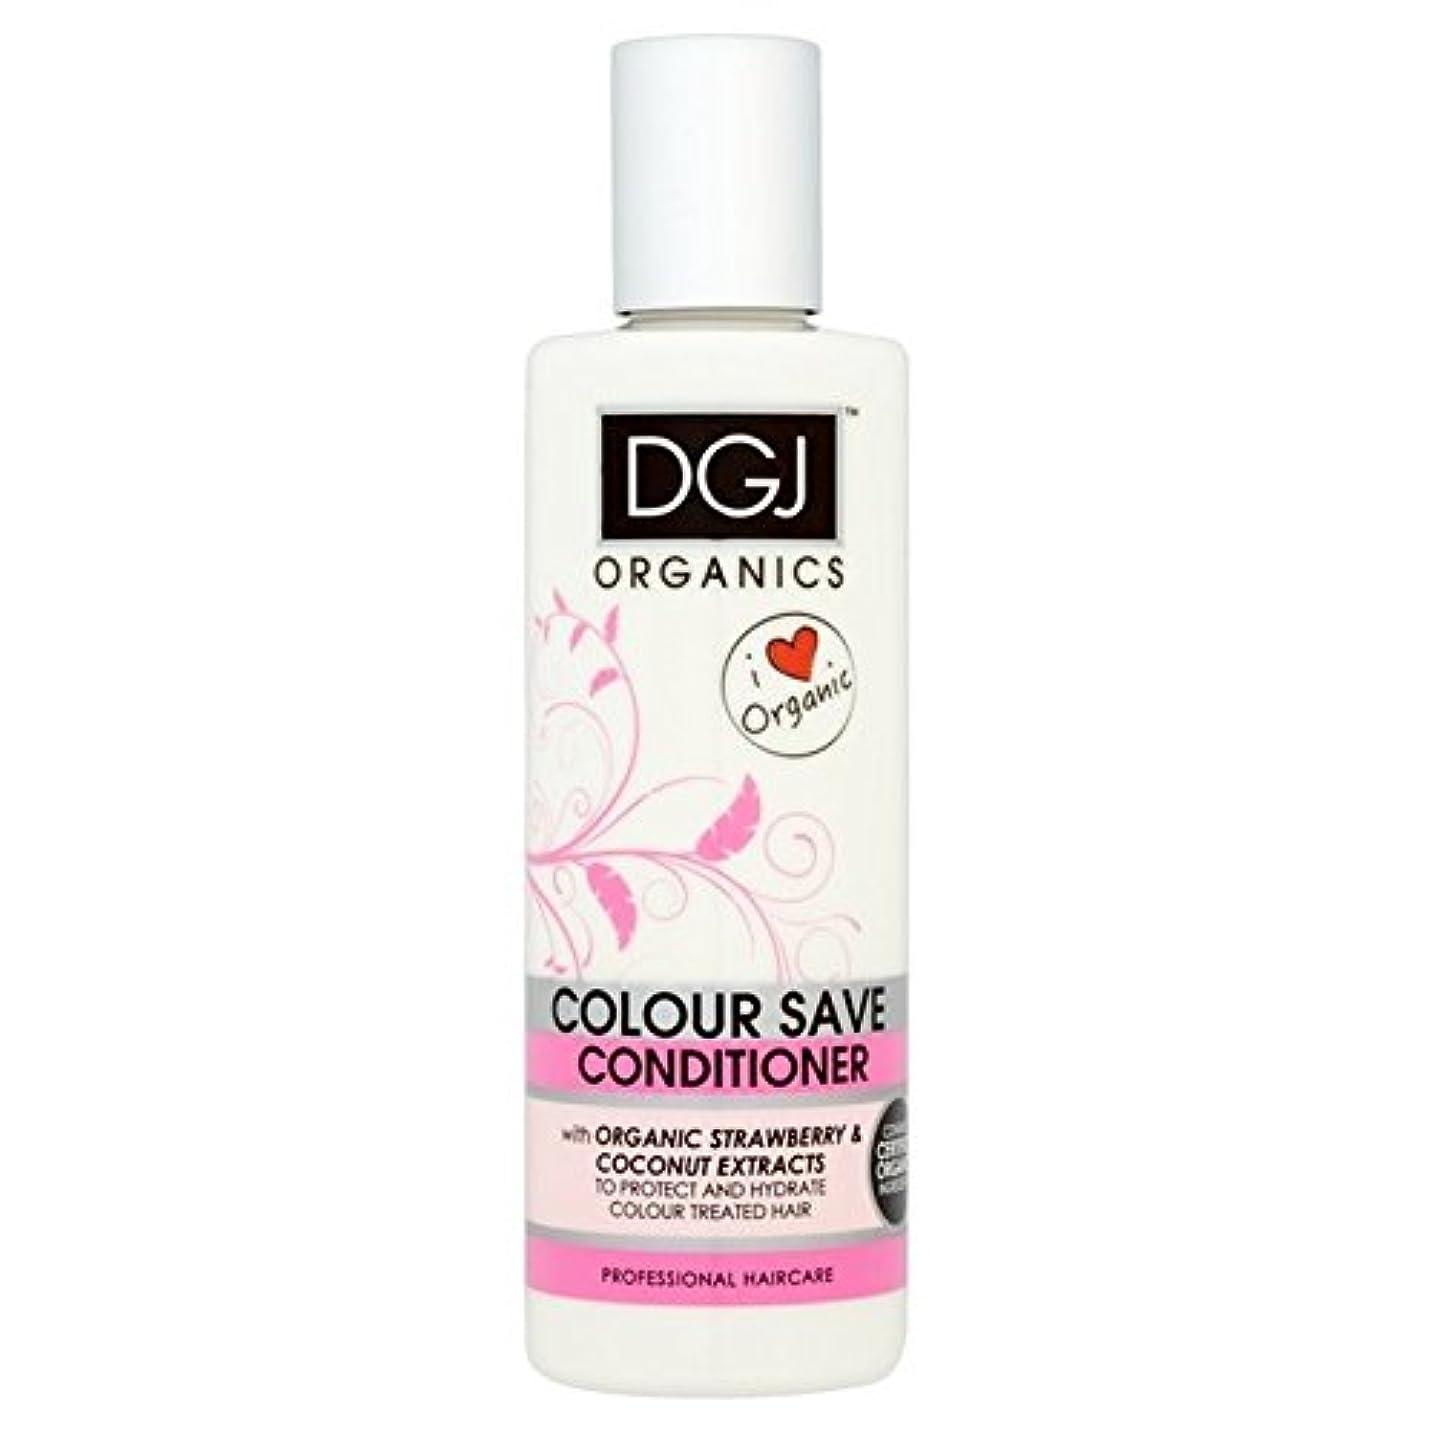 ライラック余裕がある感謝祭有機物の色コンディショナー250を保存 x4 - DGJ Organics Colour Save Conditioner 250ml (Pack of 4) [並行輸入品]